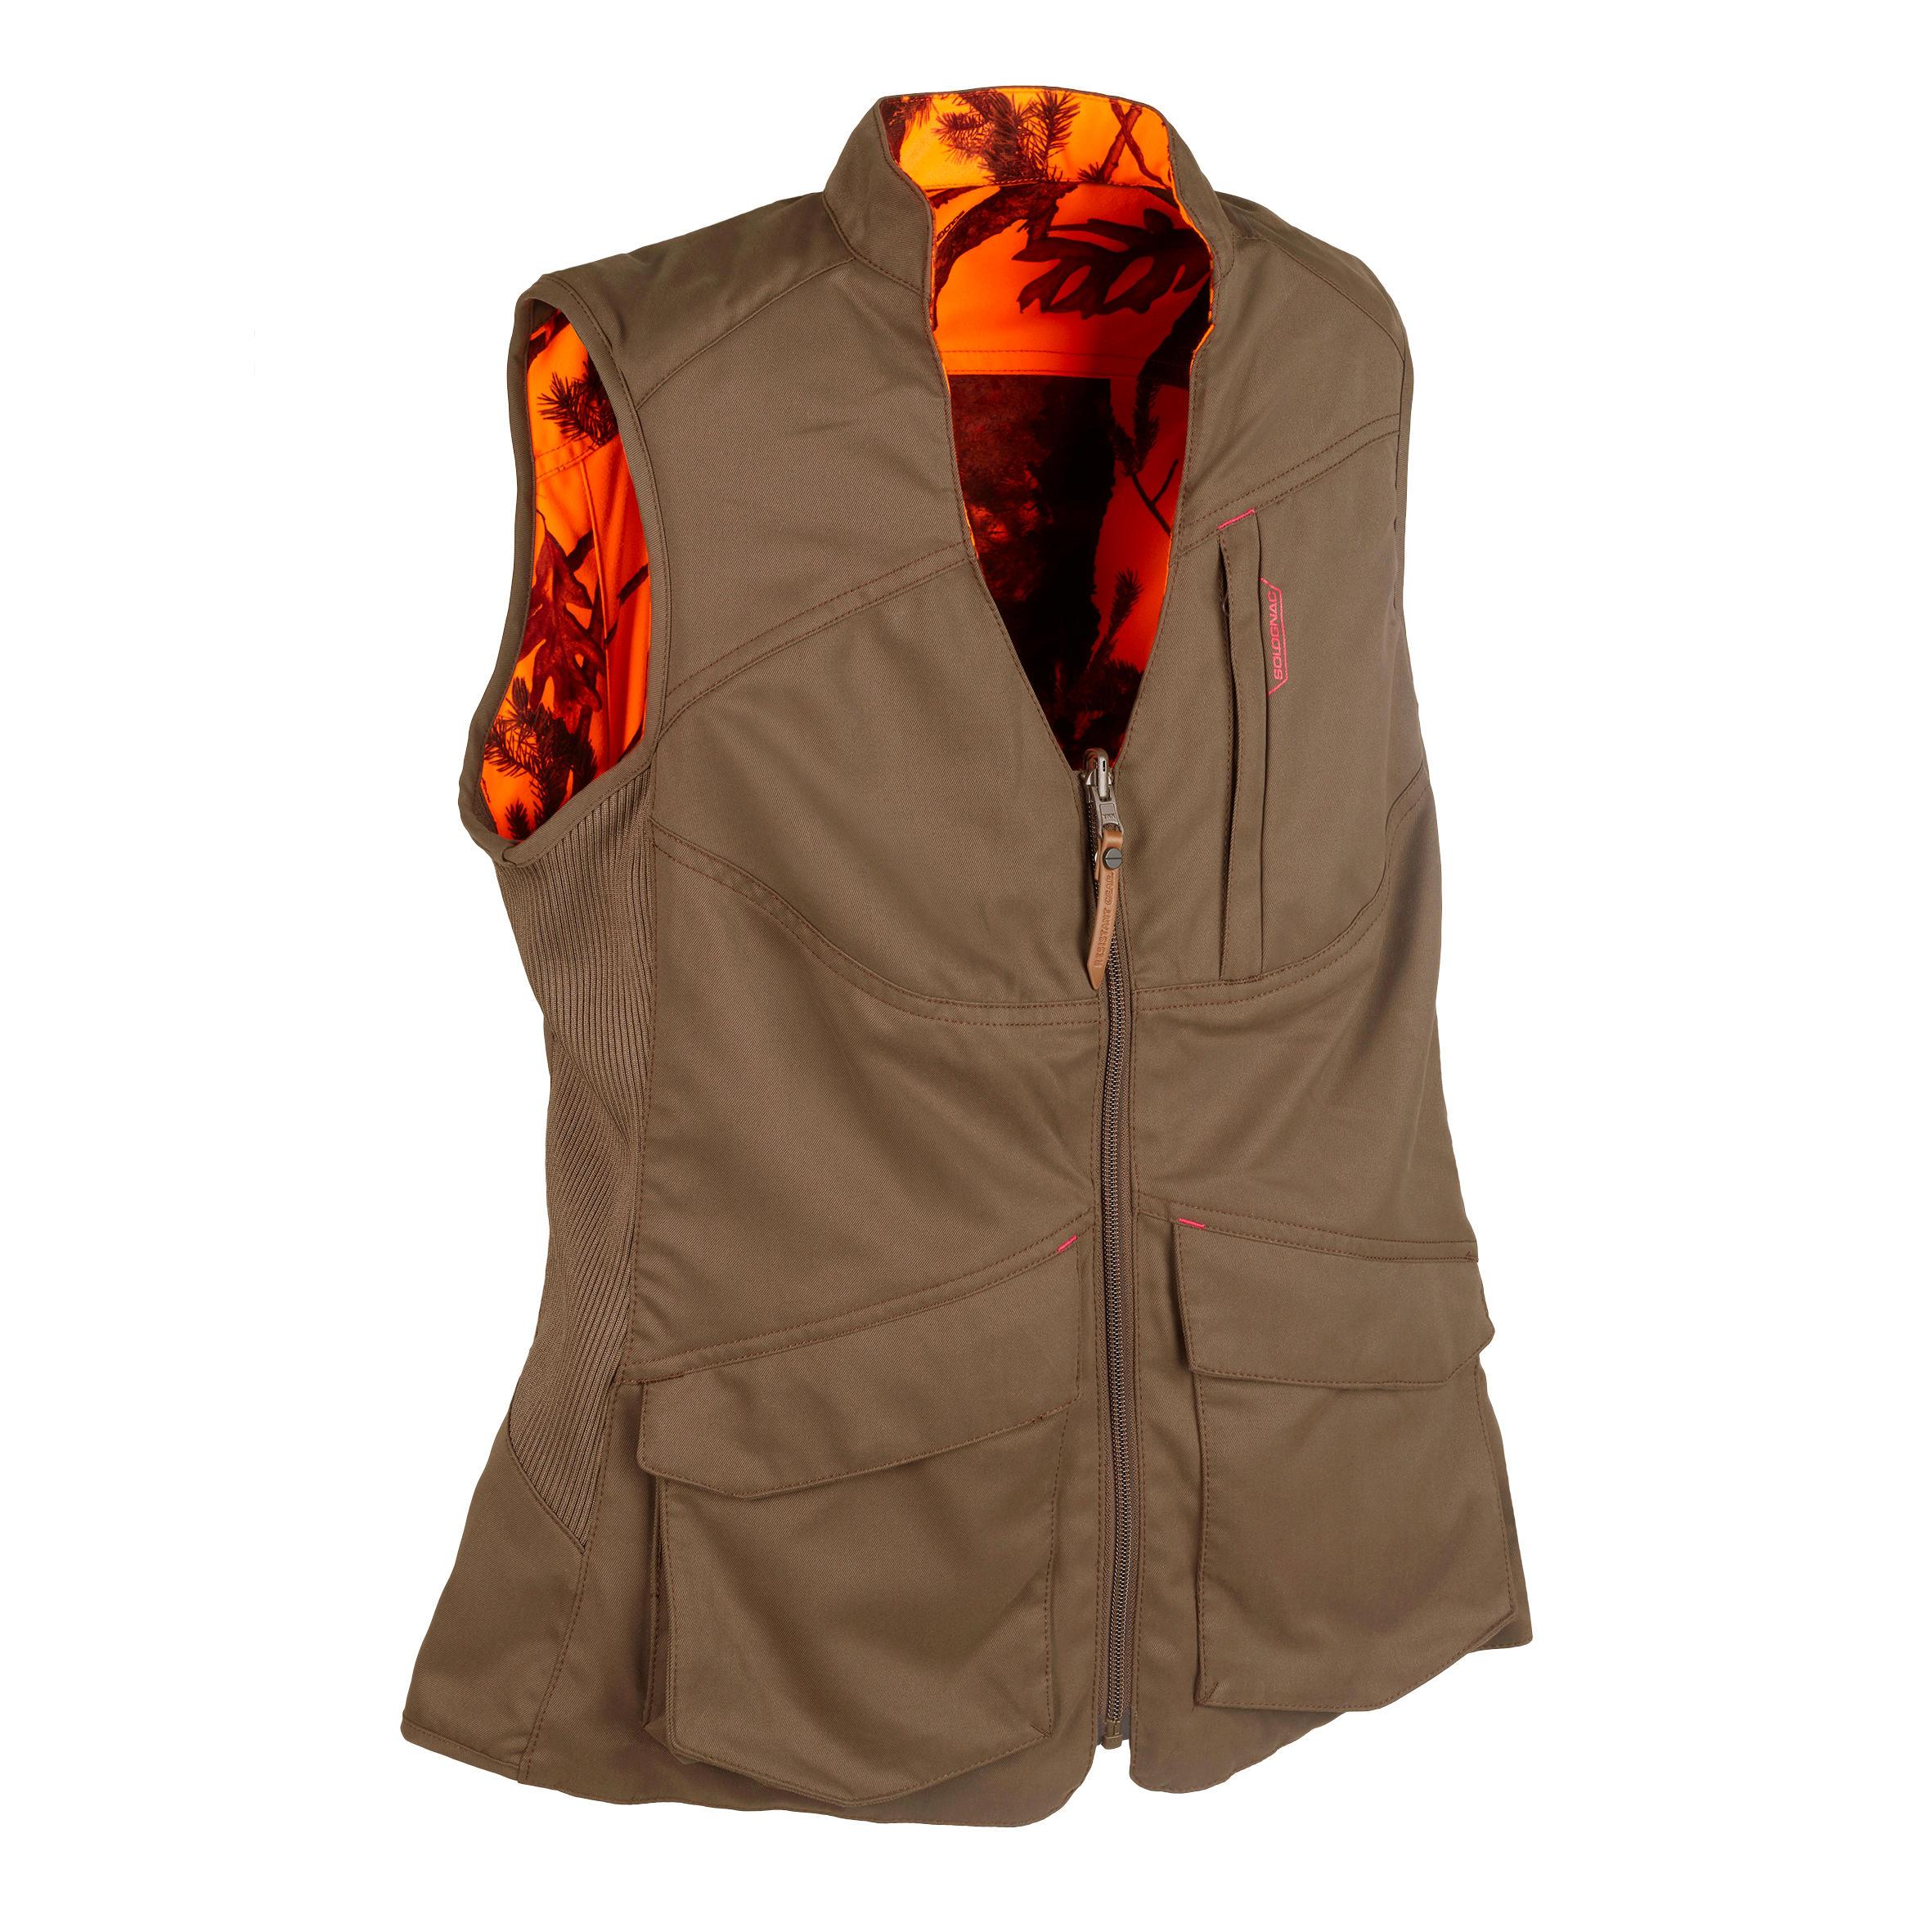 Jagdweste 500 Wendefunktion Damen braun/camouflage orange | Sportbekleidung > Sportwesten | Braun | Solognac